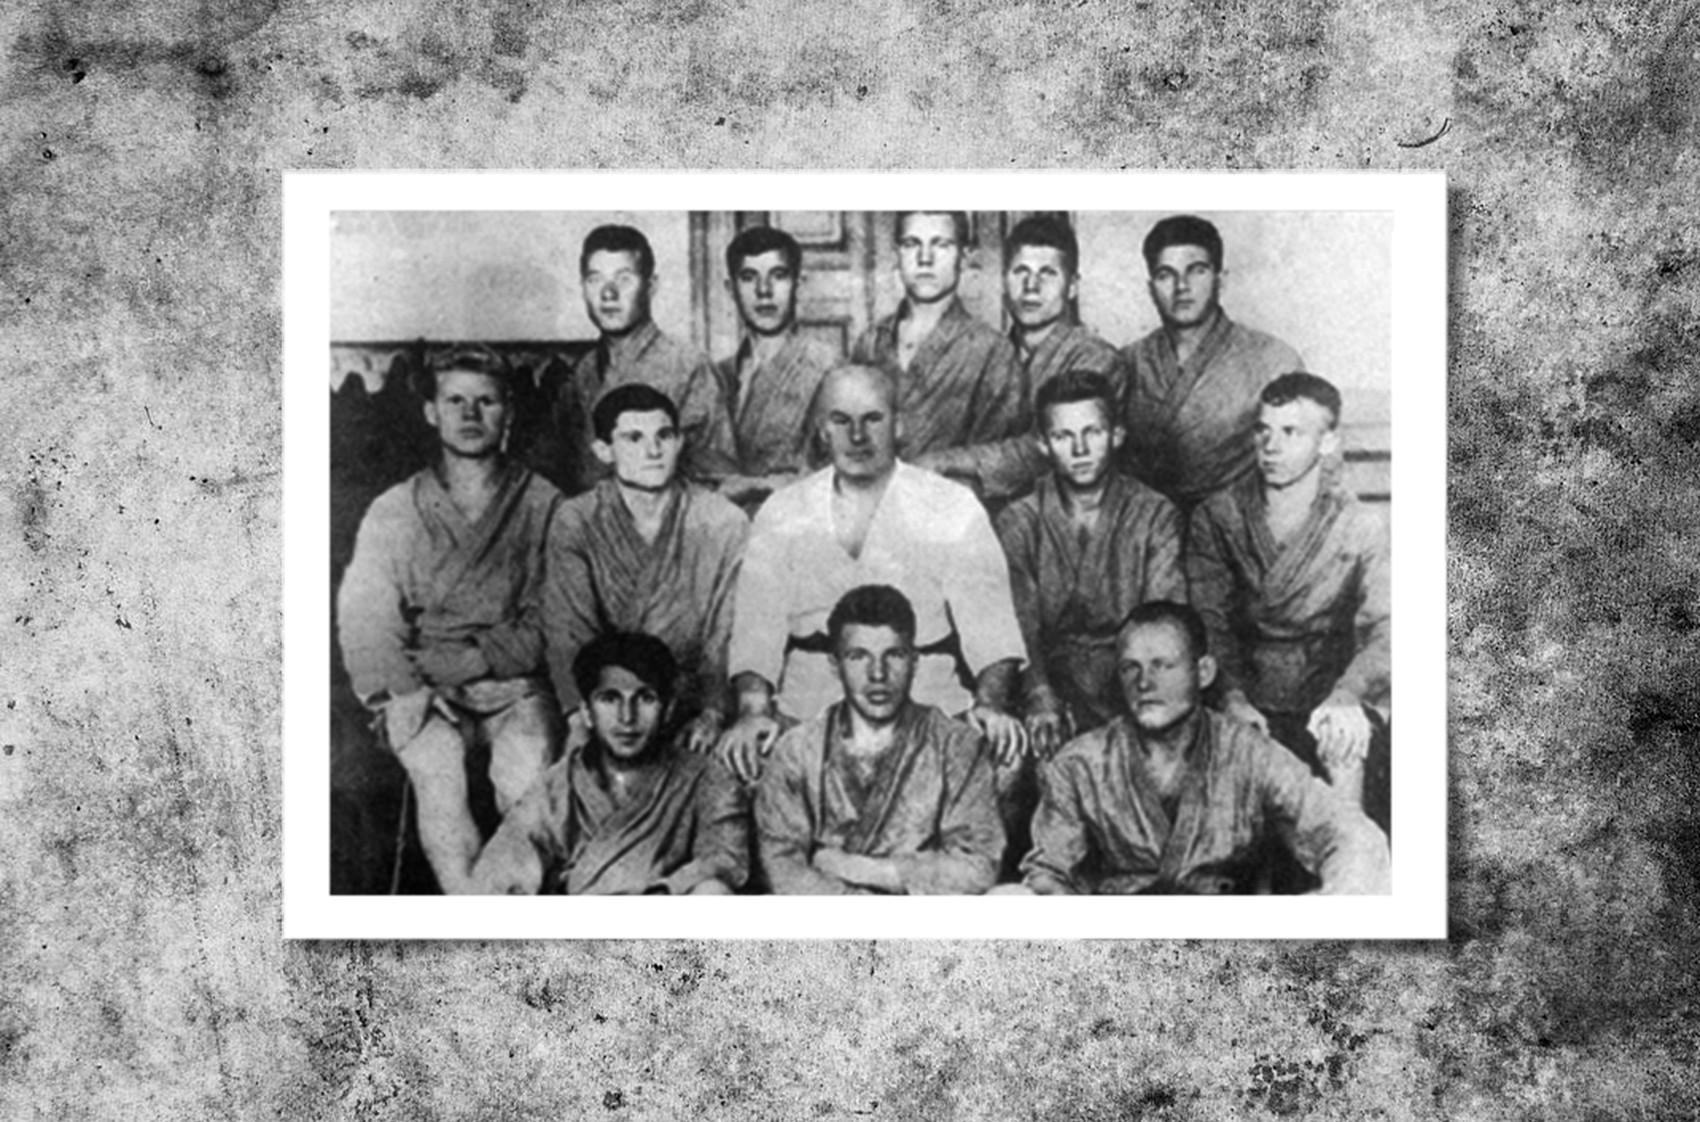 ワシリー・オシェプコフと弟子たち。